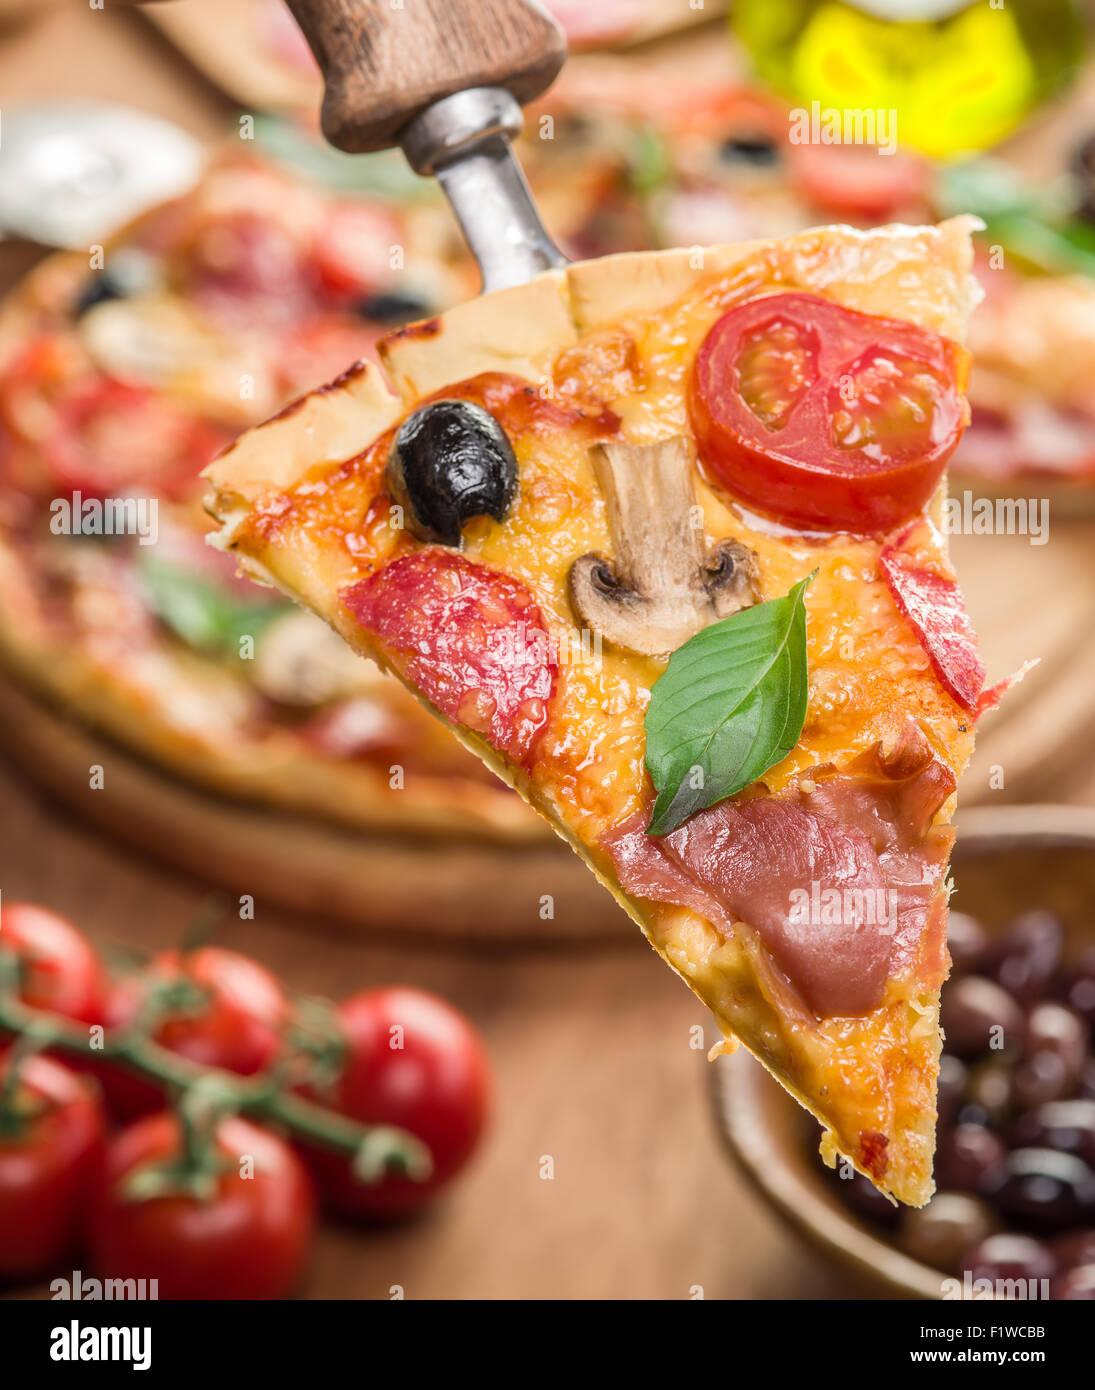 Morceau de pizza aux champignons, jambon et tomates. Vue d'en haut. Photo Stock